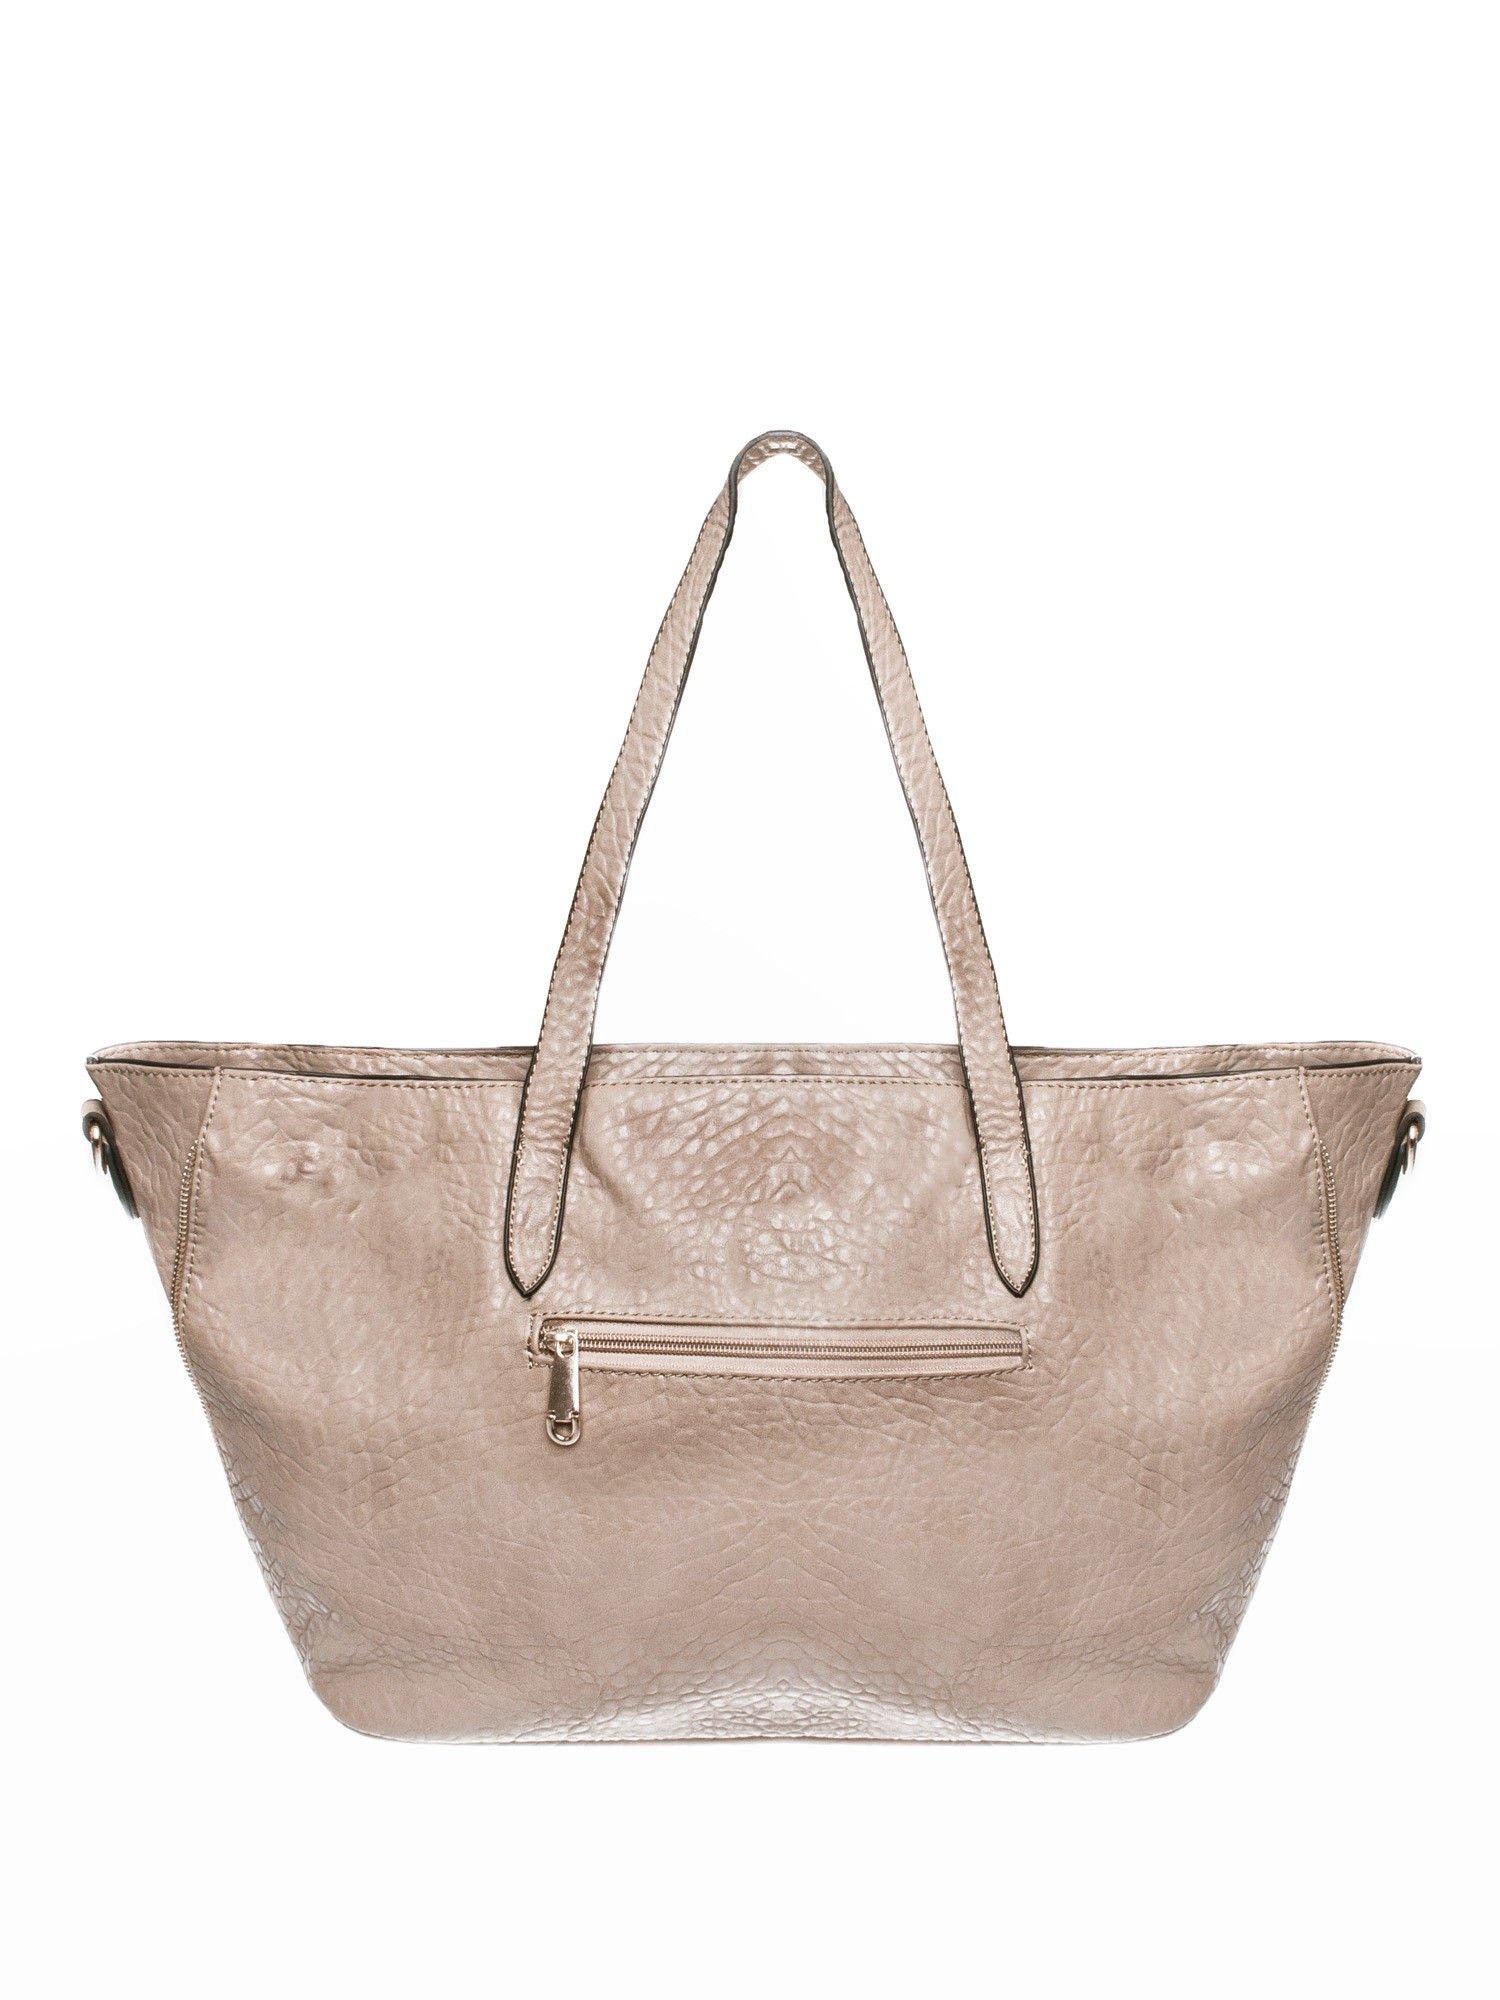 Ciemnobeżowa torebka shopper bag z apaszką                                  zdj.                                  2